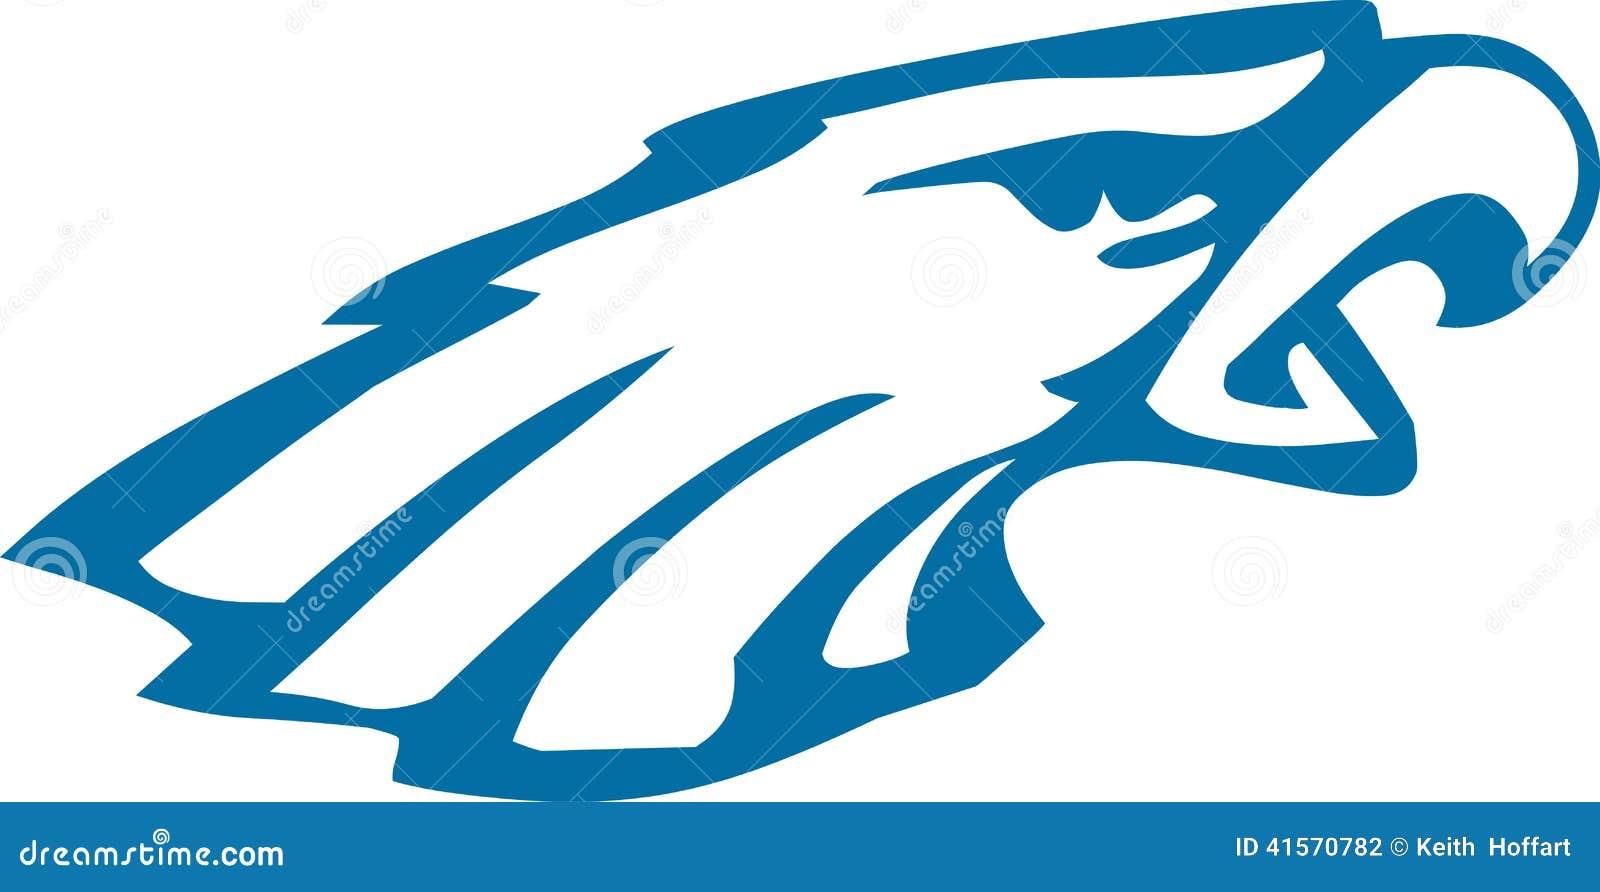 Eagle Silhouette Vector Design Clipart Stock Vector - Image: 41570782 Eagle Silhouette Vector